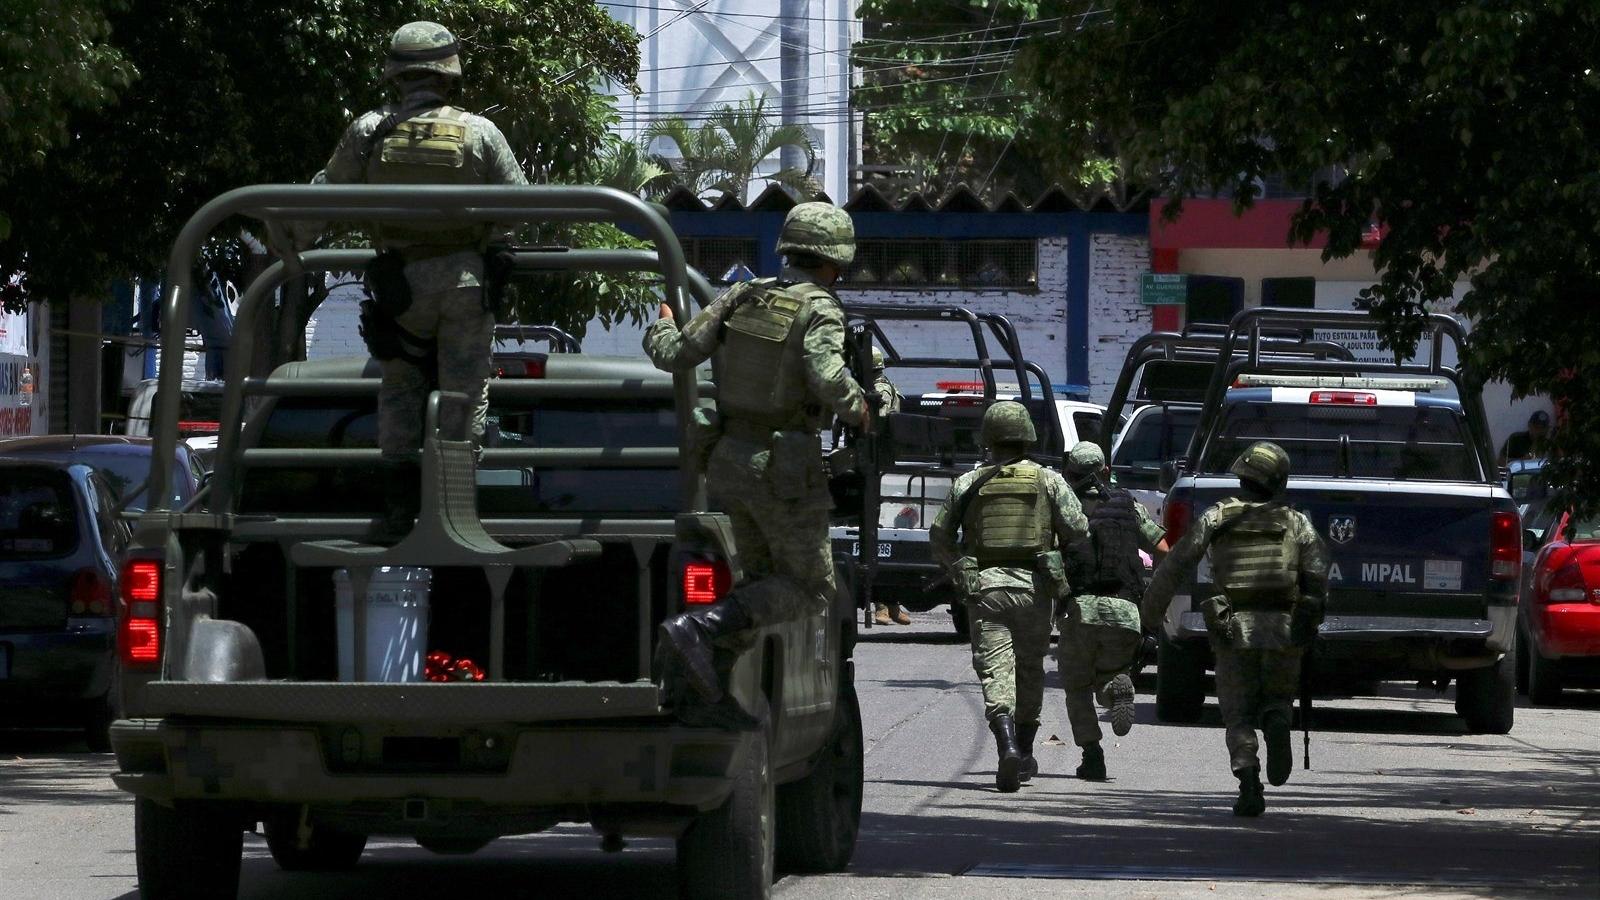 Se desplegaron 50,000 elementos de seguridad el 1 de diciembre: Durazo